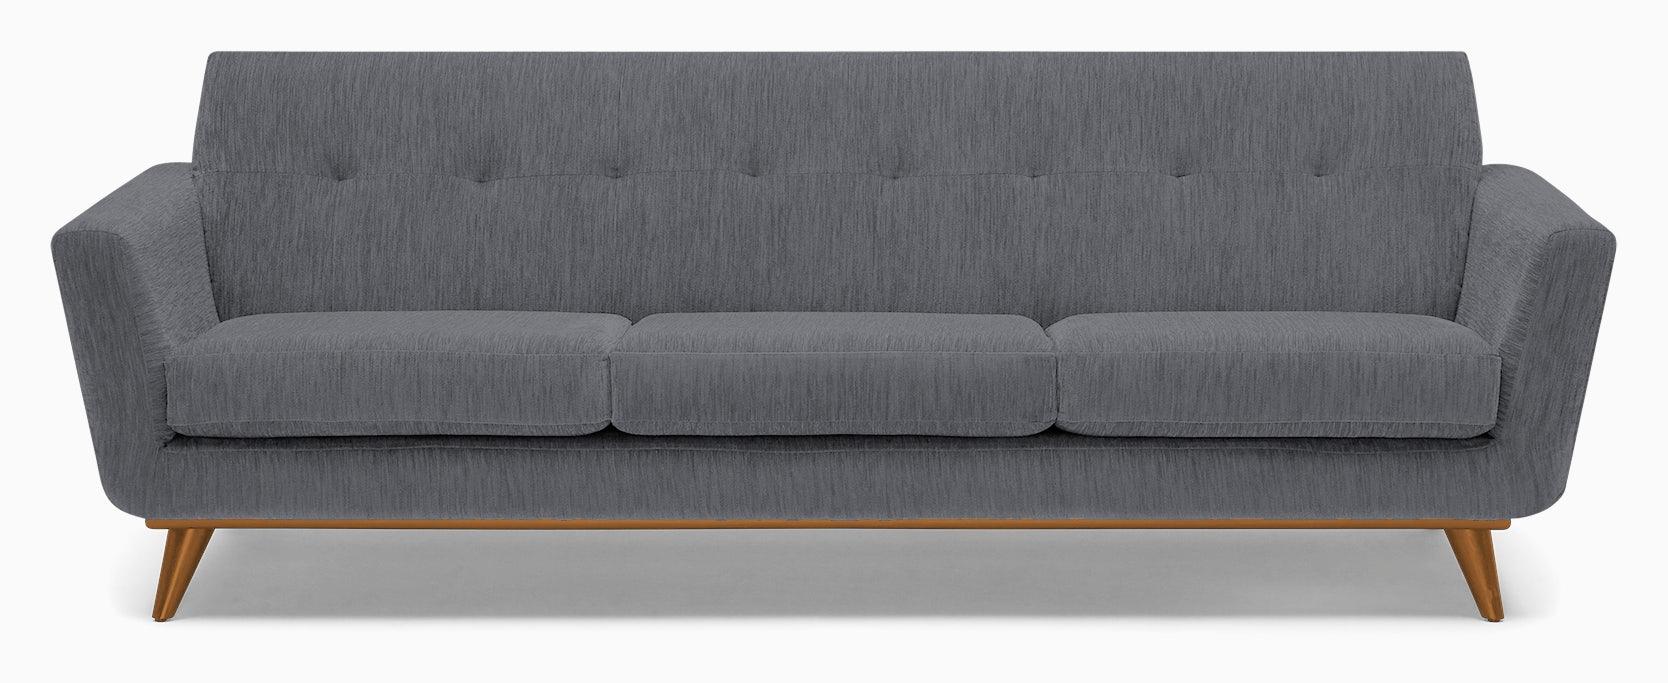 hughes grand sofa essence ash